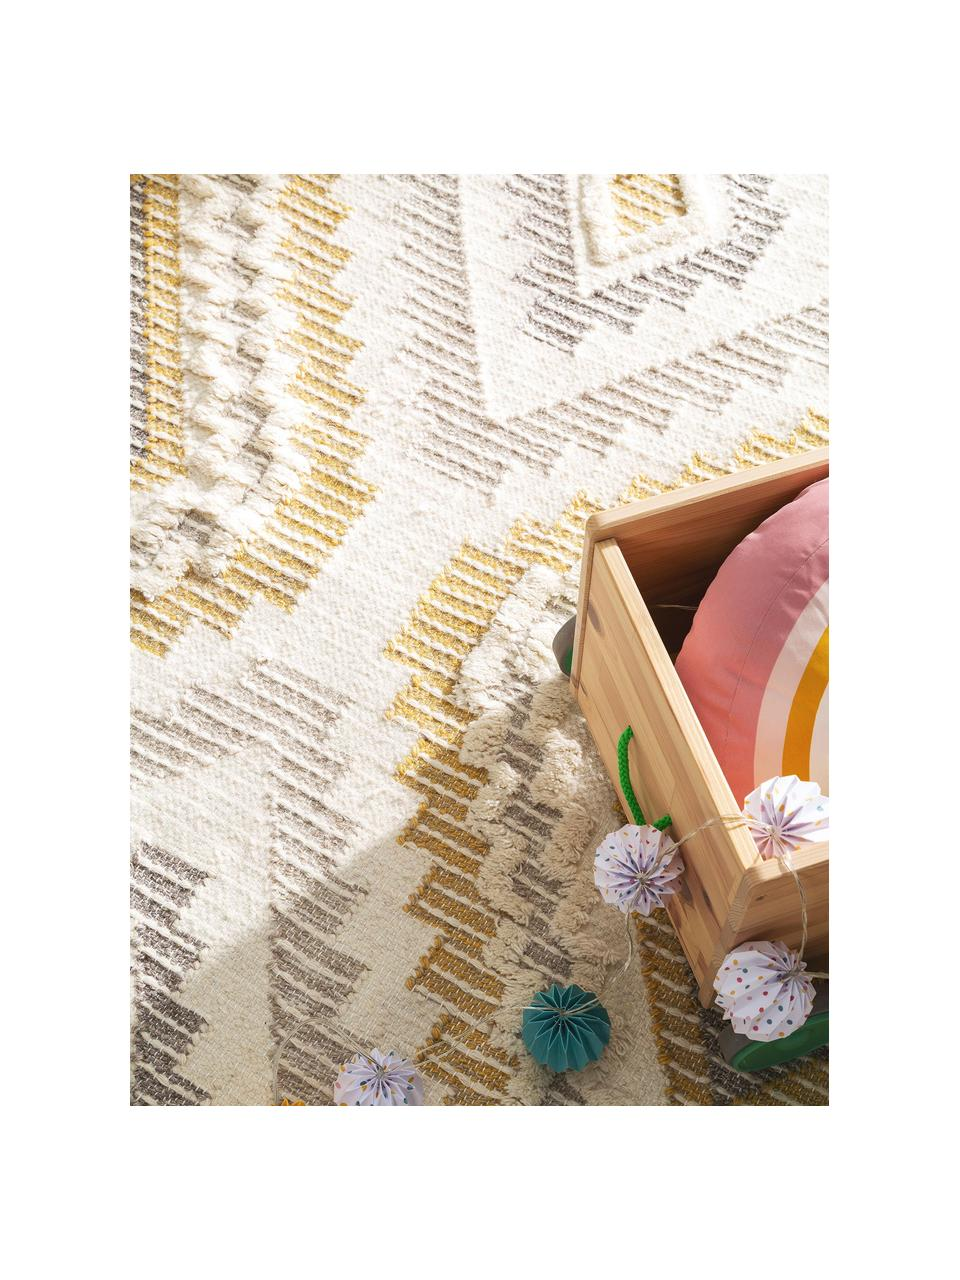 Dywan z wełny w stylu boho Wanda, 70% wełna, 30% akryl Włókna dywanów wełnianych mogą nieznacznie rozluźniać się w pierwszych tygodniach użytkowania, co ustępuje po pewnym czasie, Żółty, szary, kremowy, S 160 x D 230 cm (Rozmiar M)